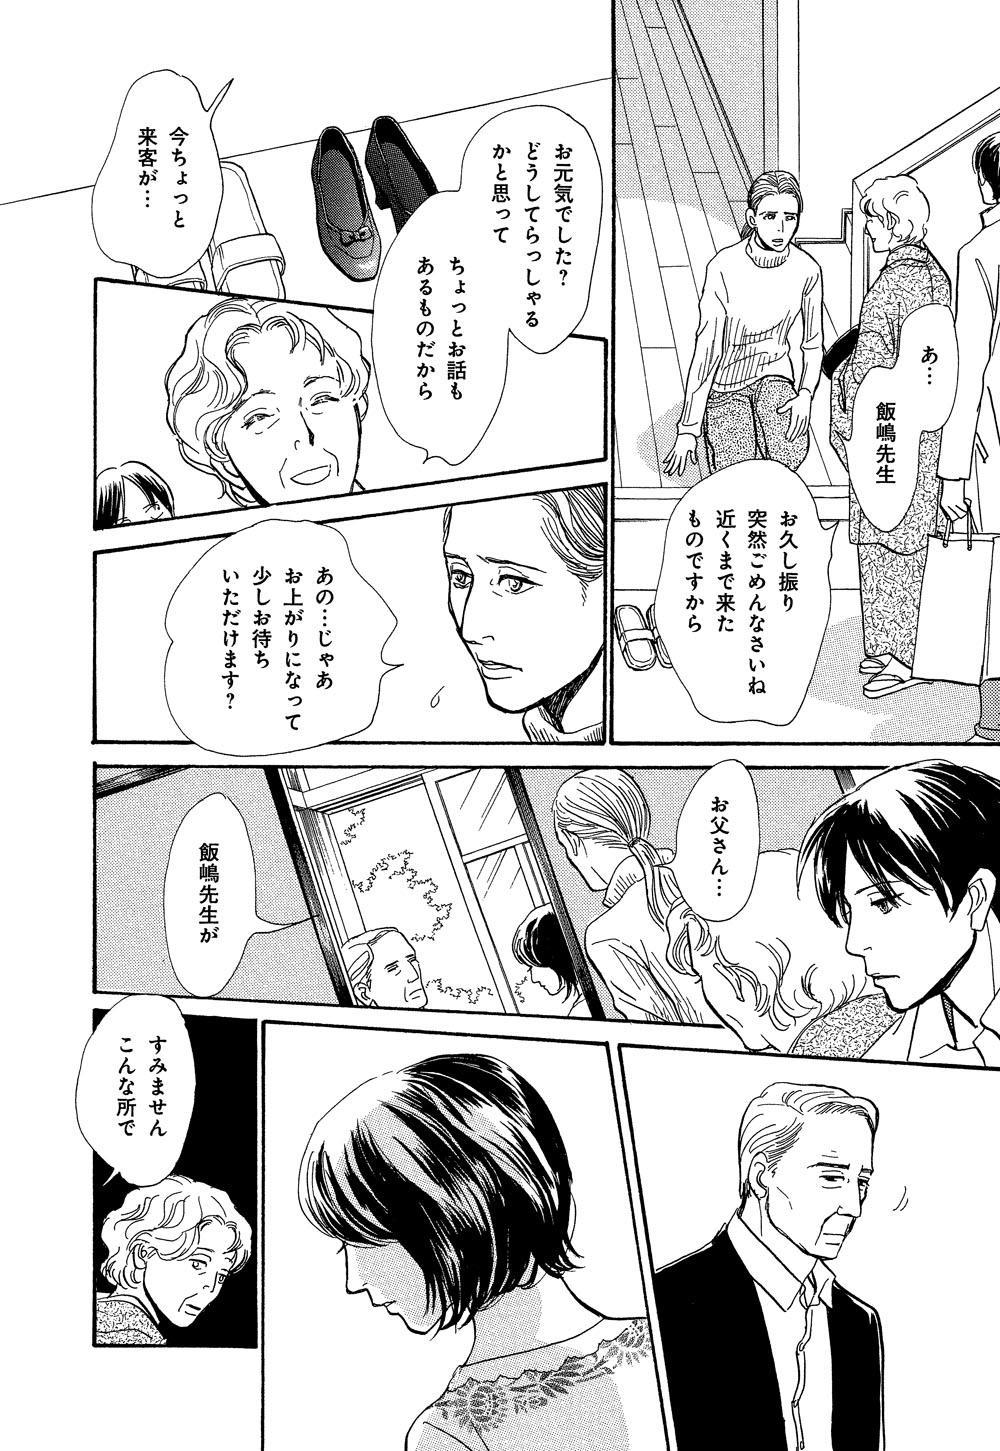 hyakki_0021_0024.jpg